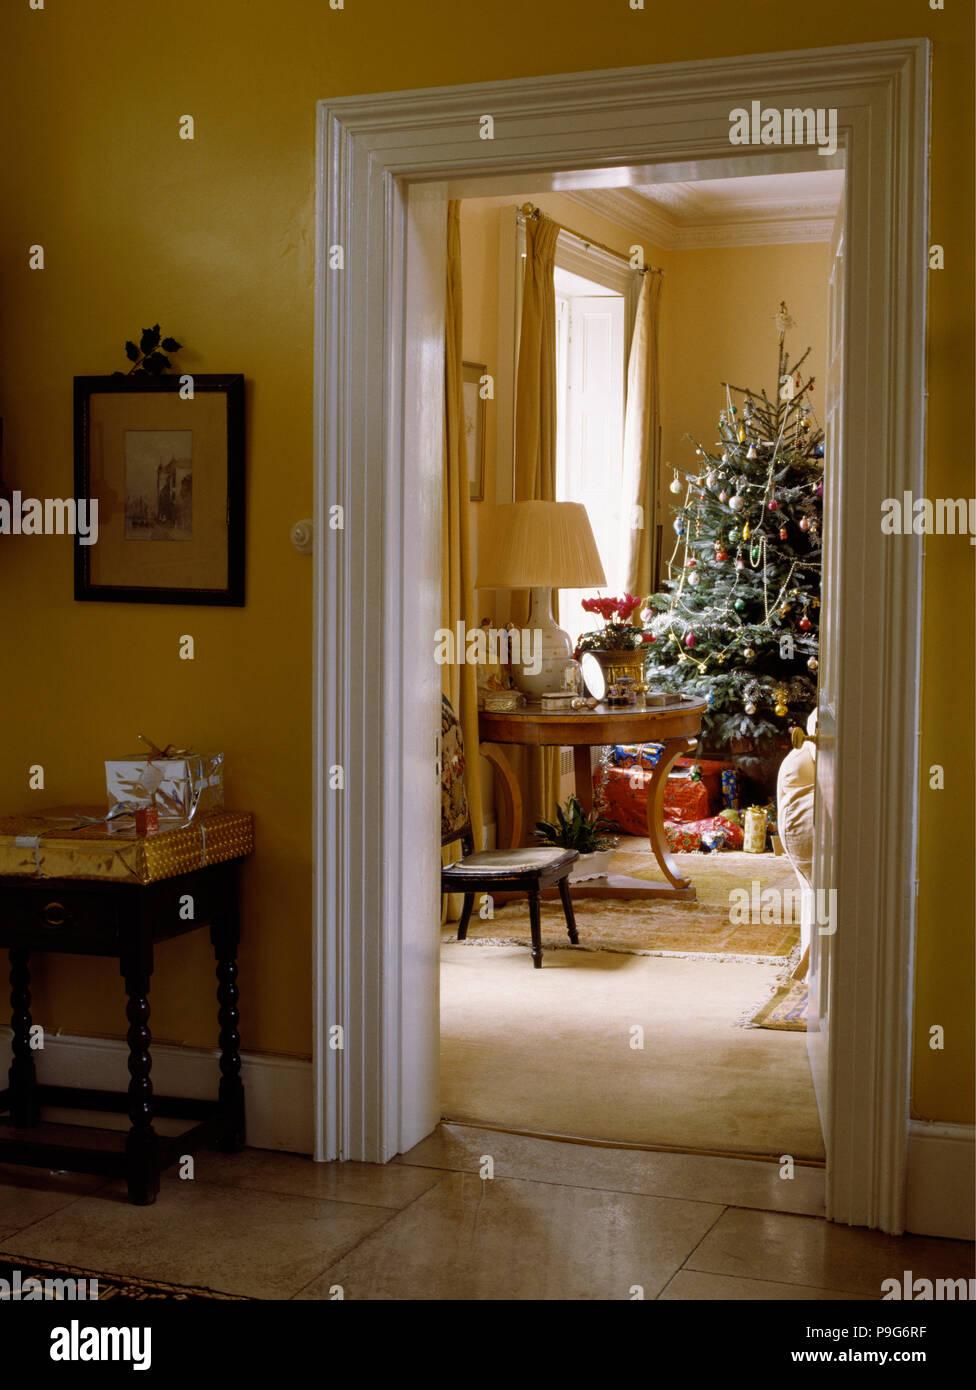 Auf der Suche nach Wohnzimmer mit großen Weihnachtsbaum aus gelb ...